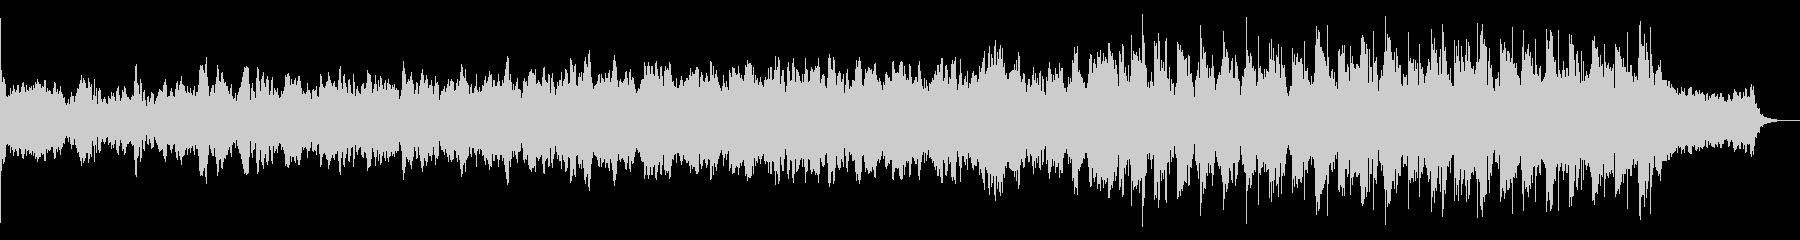 映画音楽、始まりの始まり、虚曲-18の未再生の波形